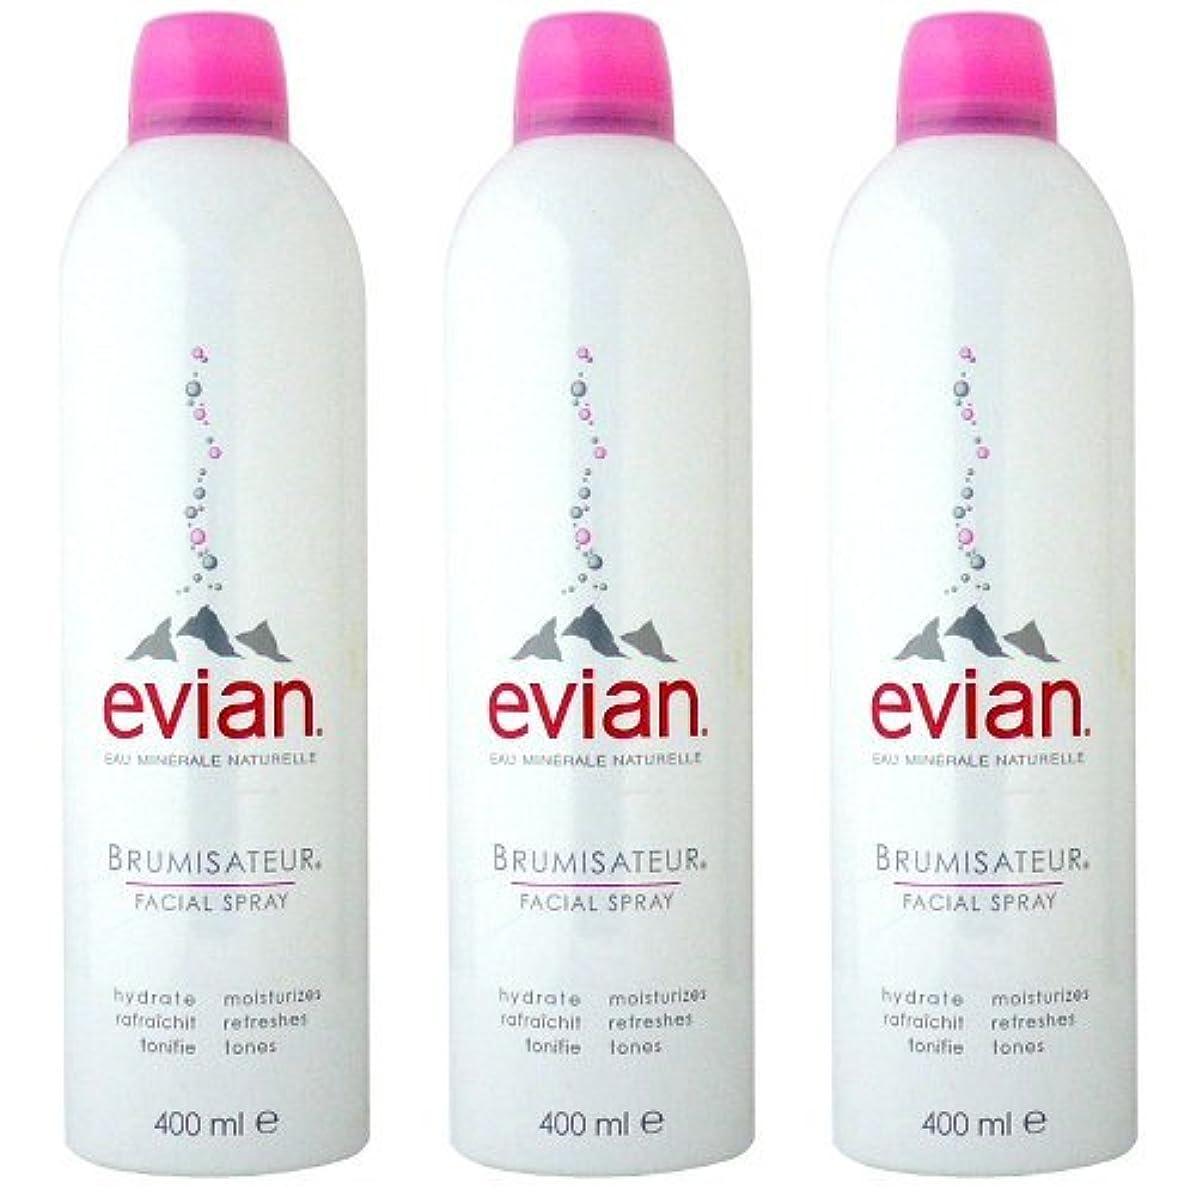 スペース自分の力ですべてをする押し下げるエビアン(evian) ブルミザトワール (化粧水) 400ml×3[並行輸入品]